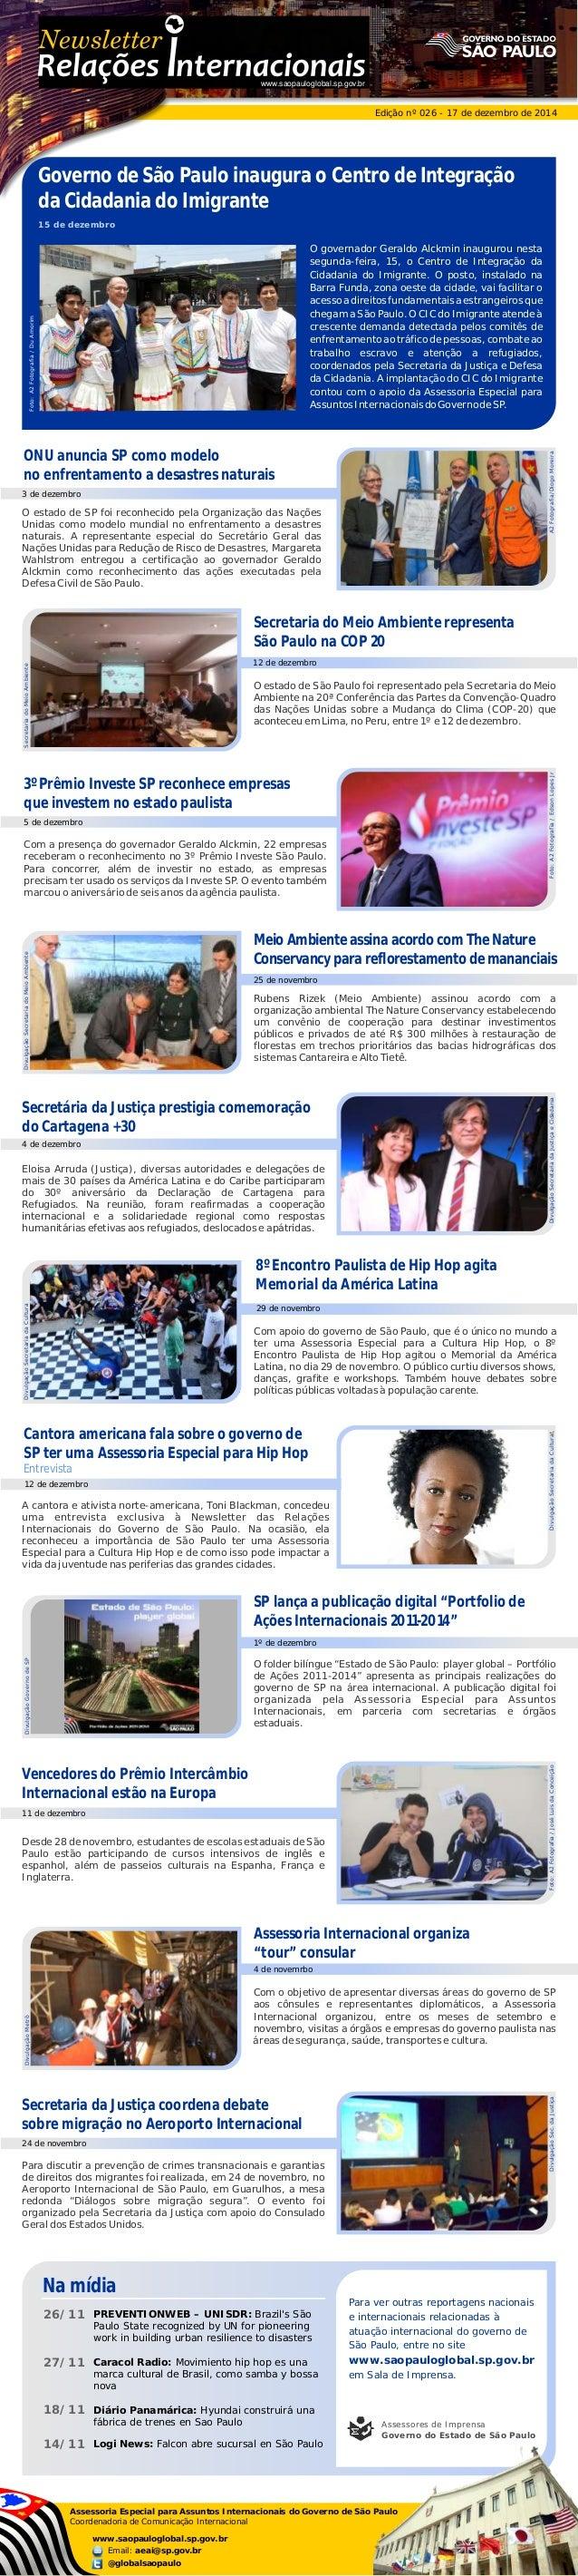 """www.saopauloglobal.sp.gov.br Edição nº 026 - 17 de dezembro de 2014 SP lança a publicação digital """"Portfolio de Ações Inte..."""